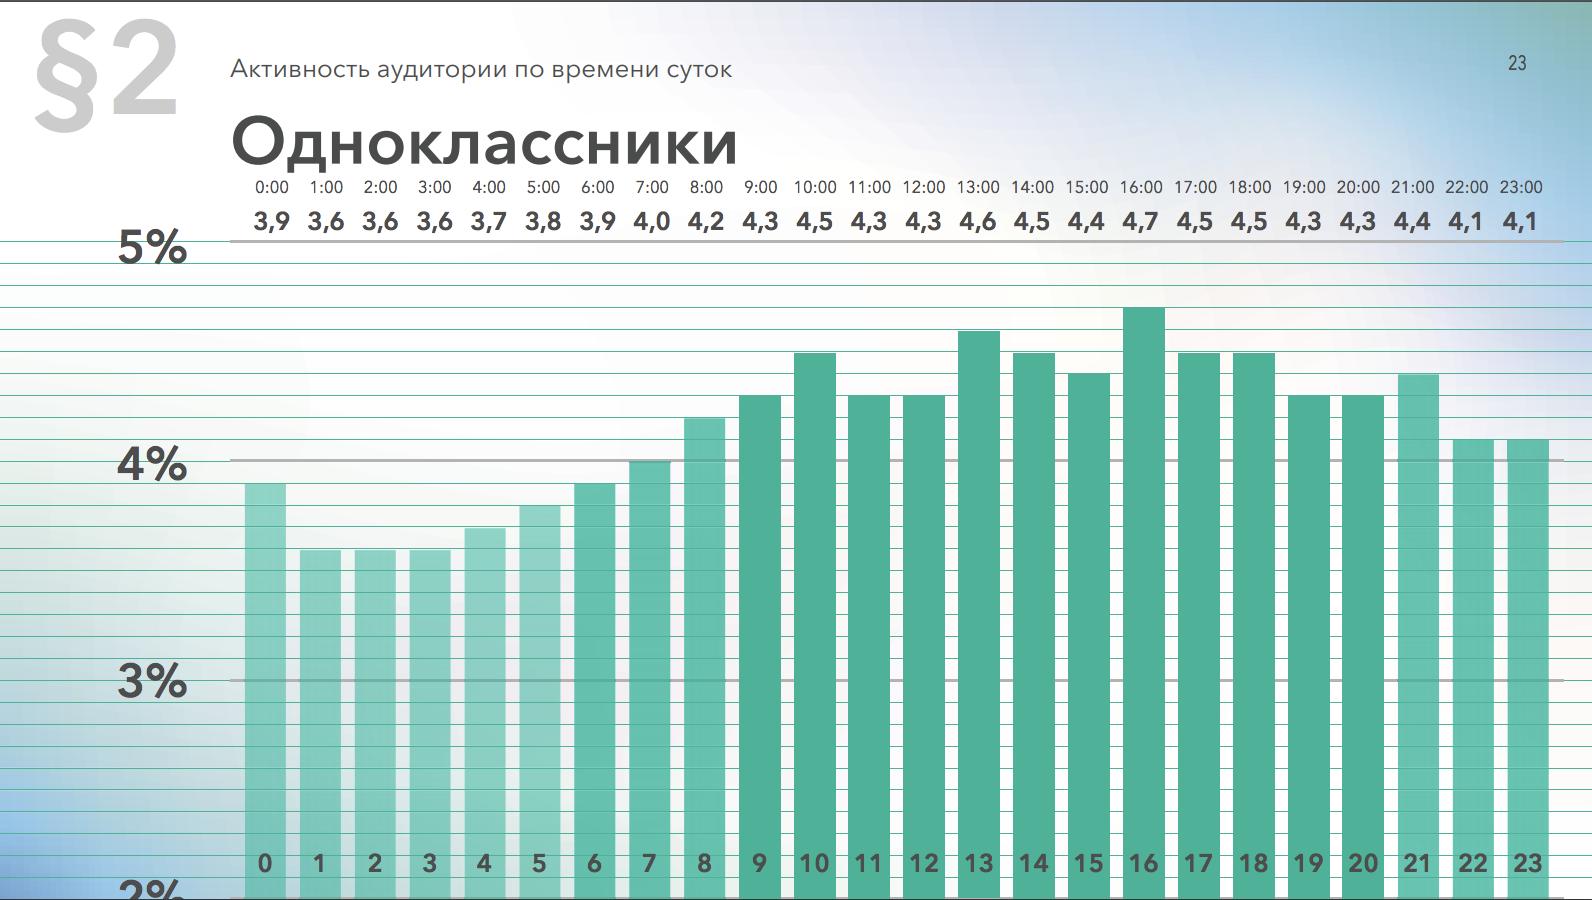 Активность аудитории в Одноклассниках по времени суток, данные за 2019 год